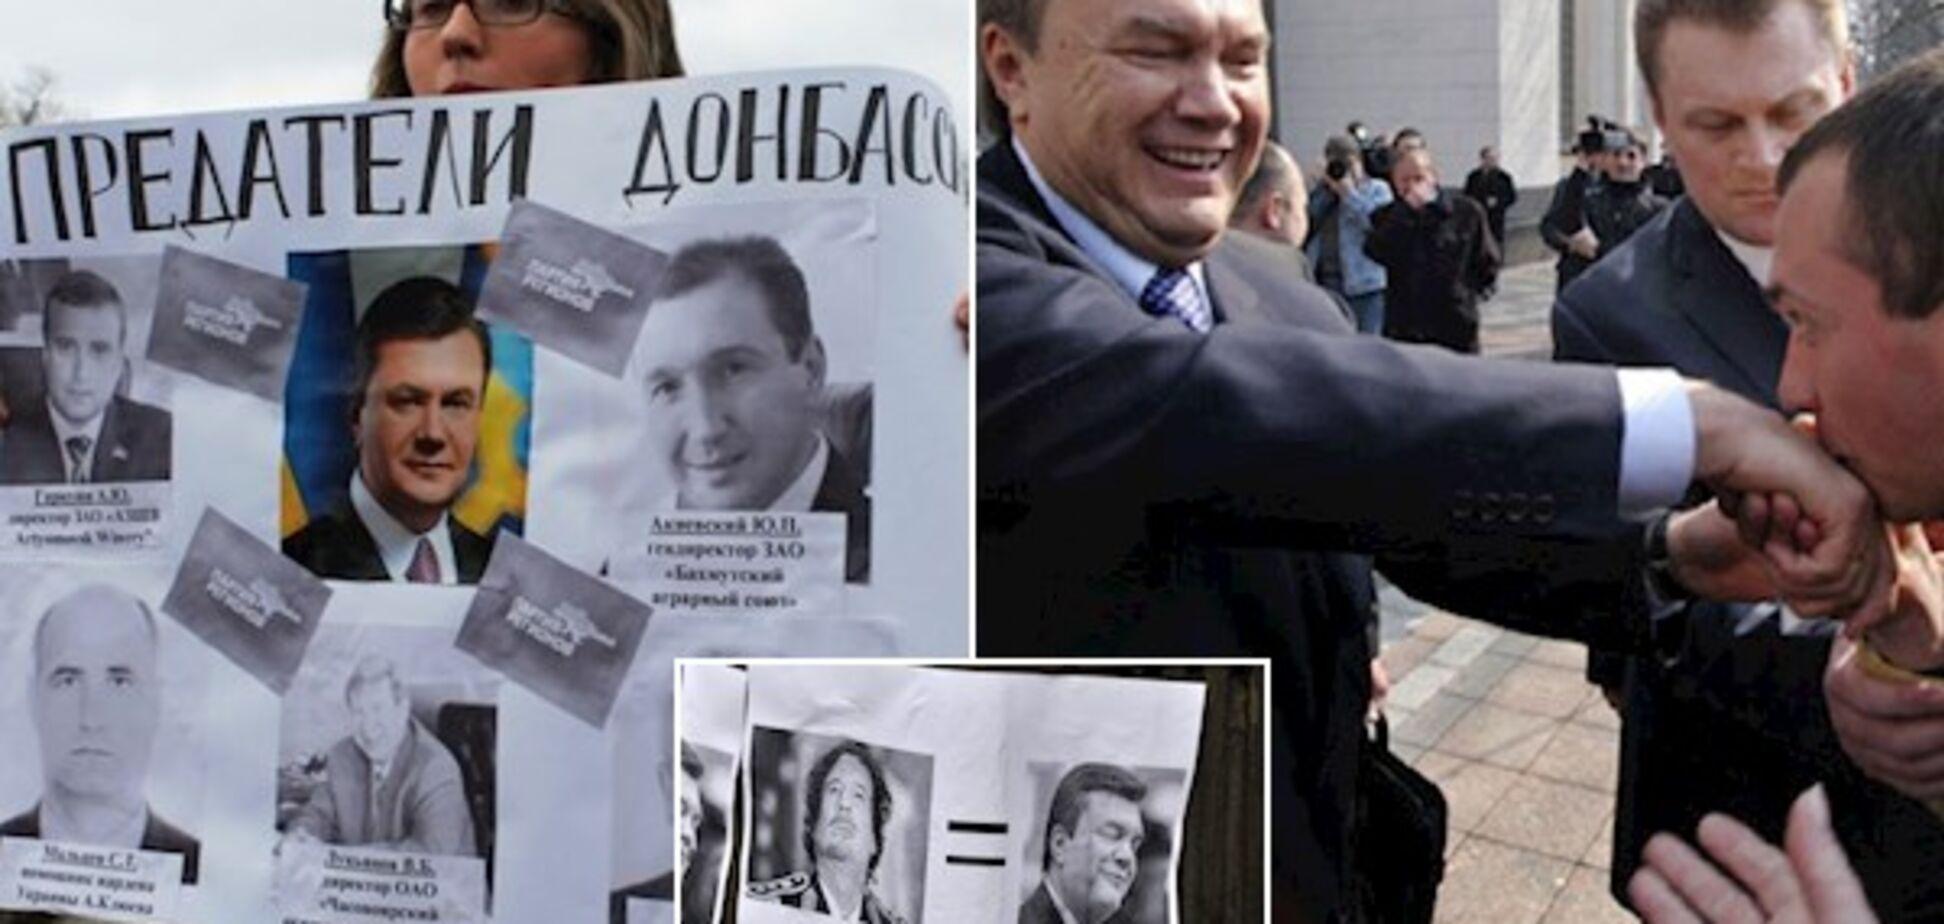 'Зневажають усі': донецький блогер пояснив, як Янукович об'єднує Донбас